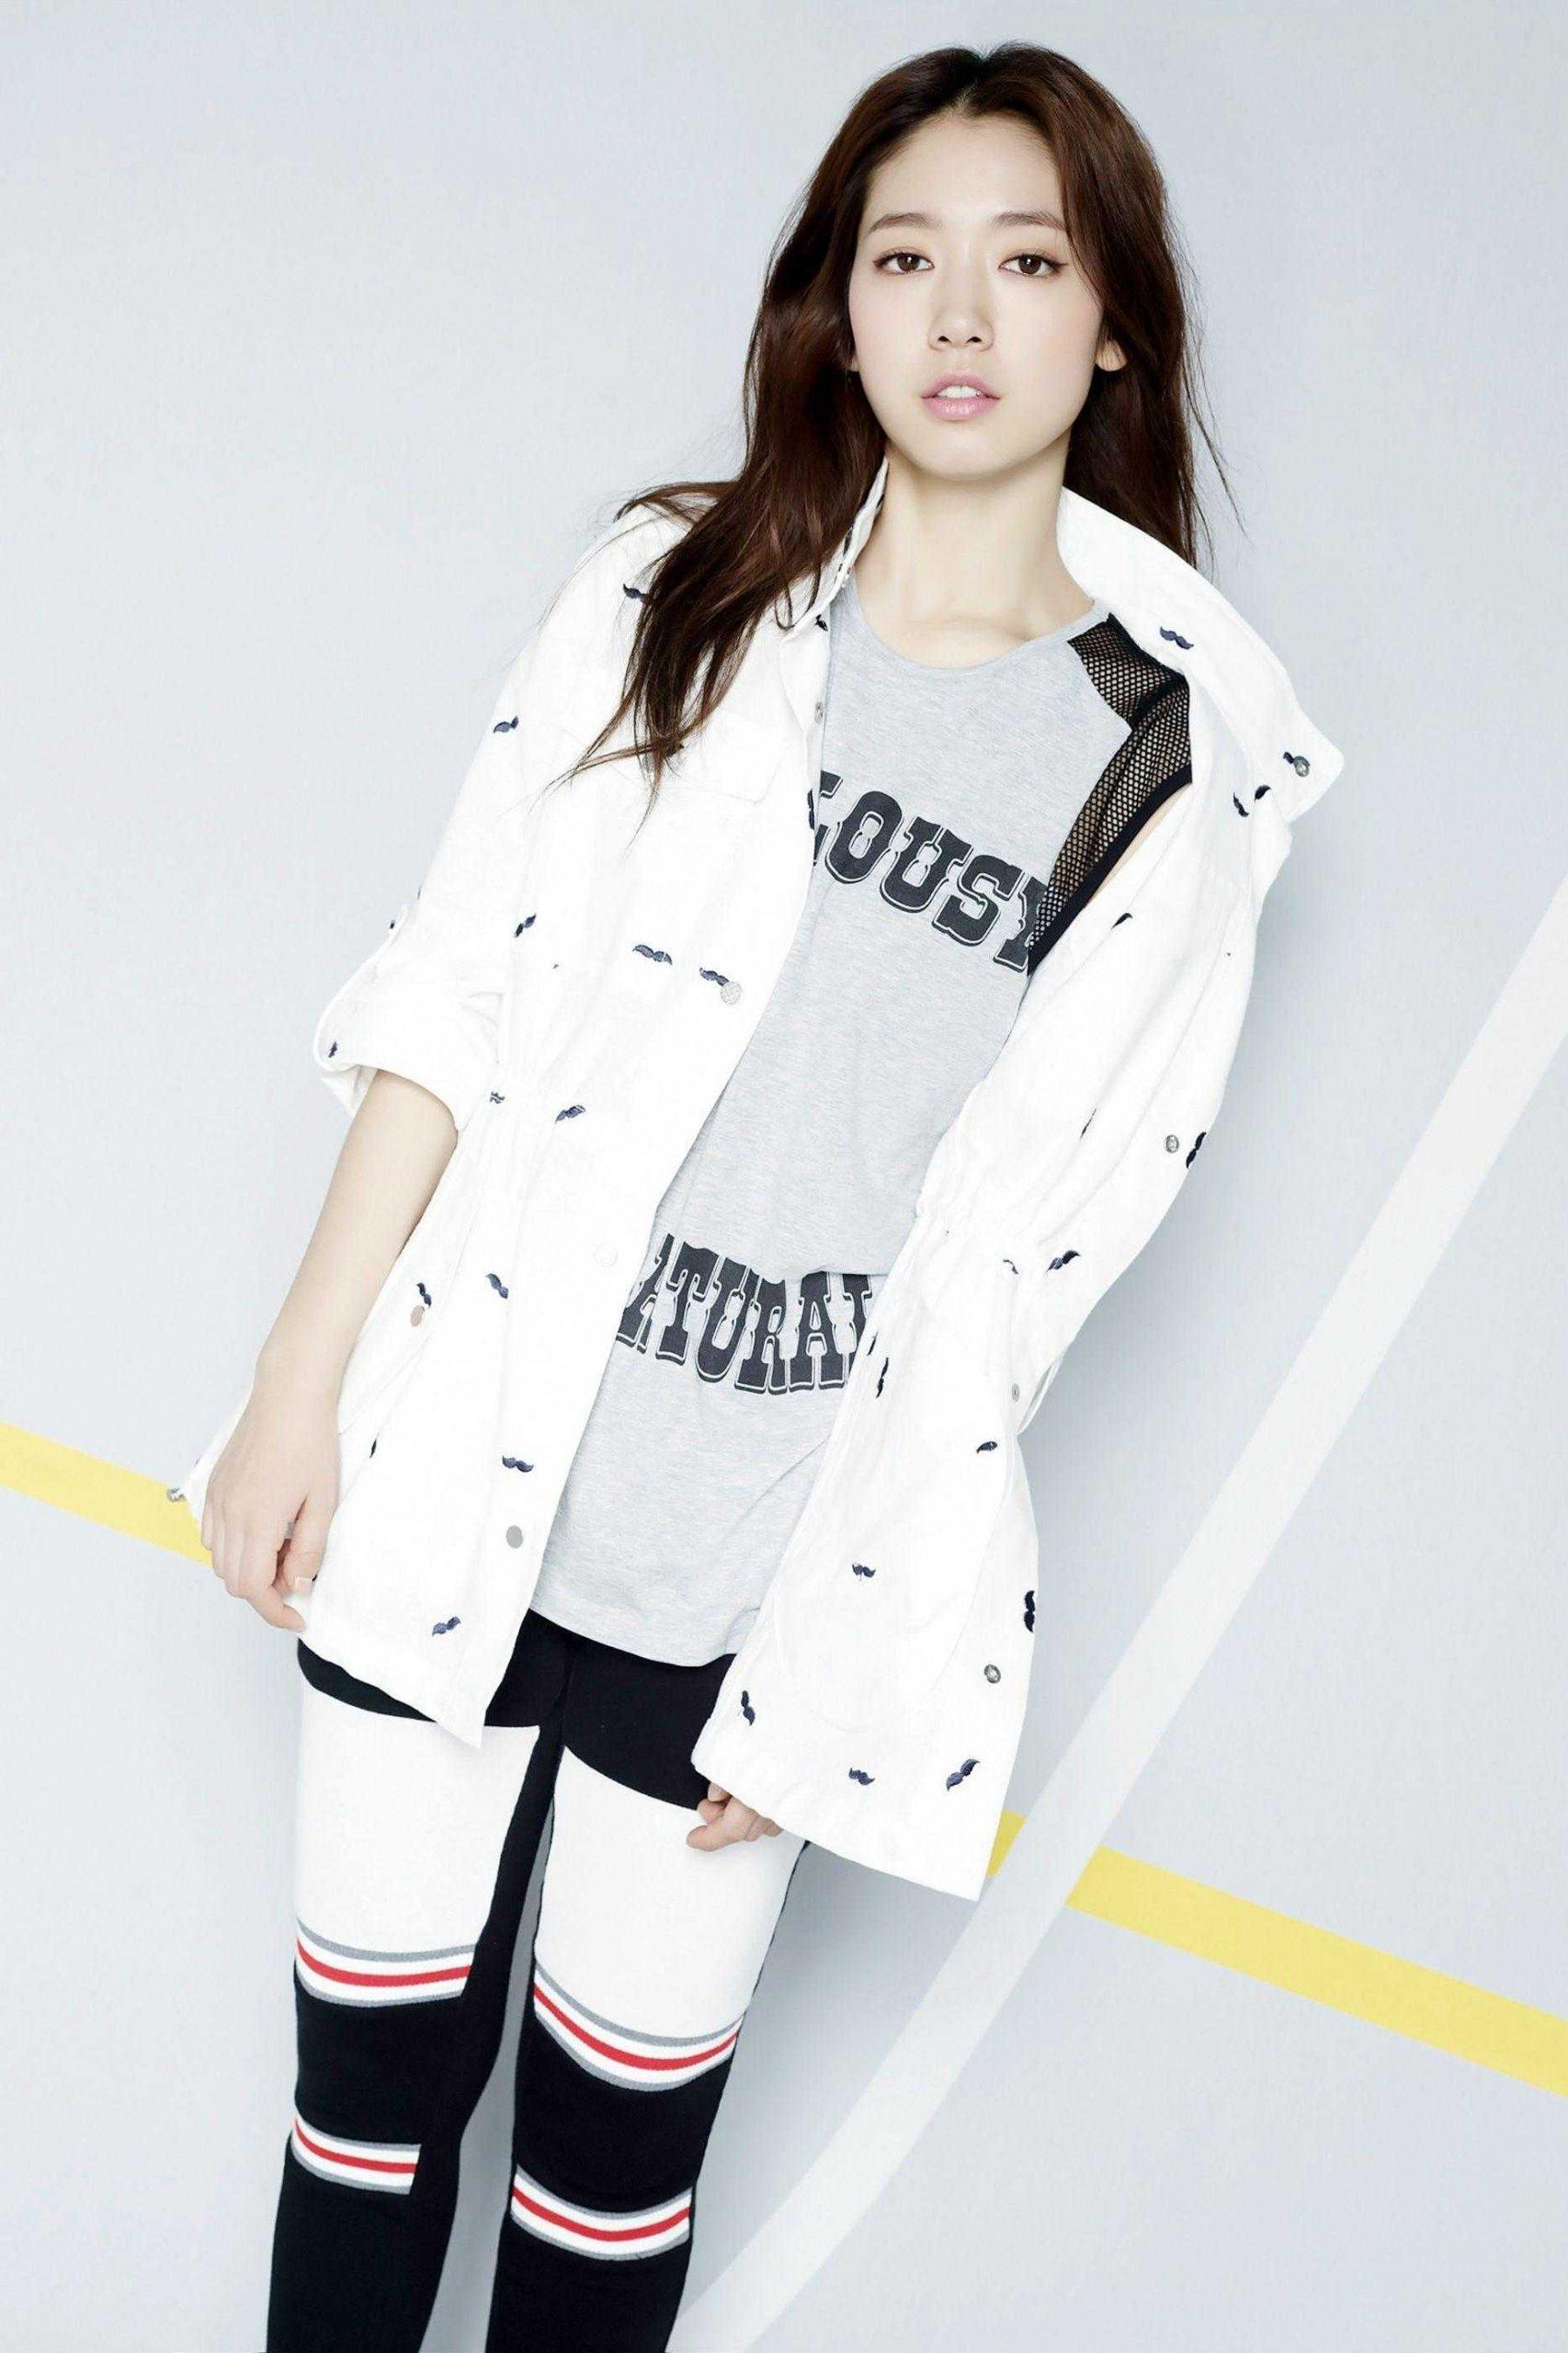 Park Shin-hye feet